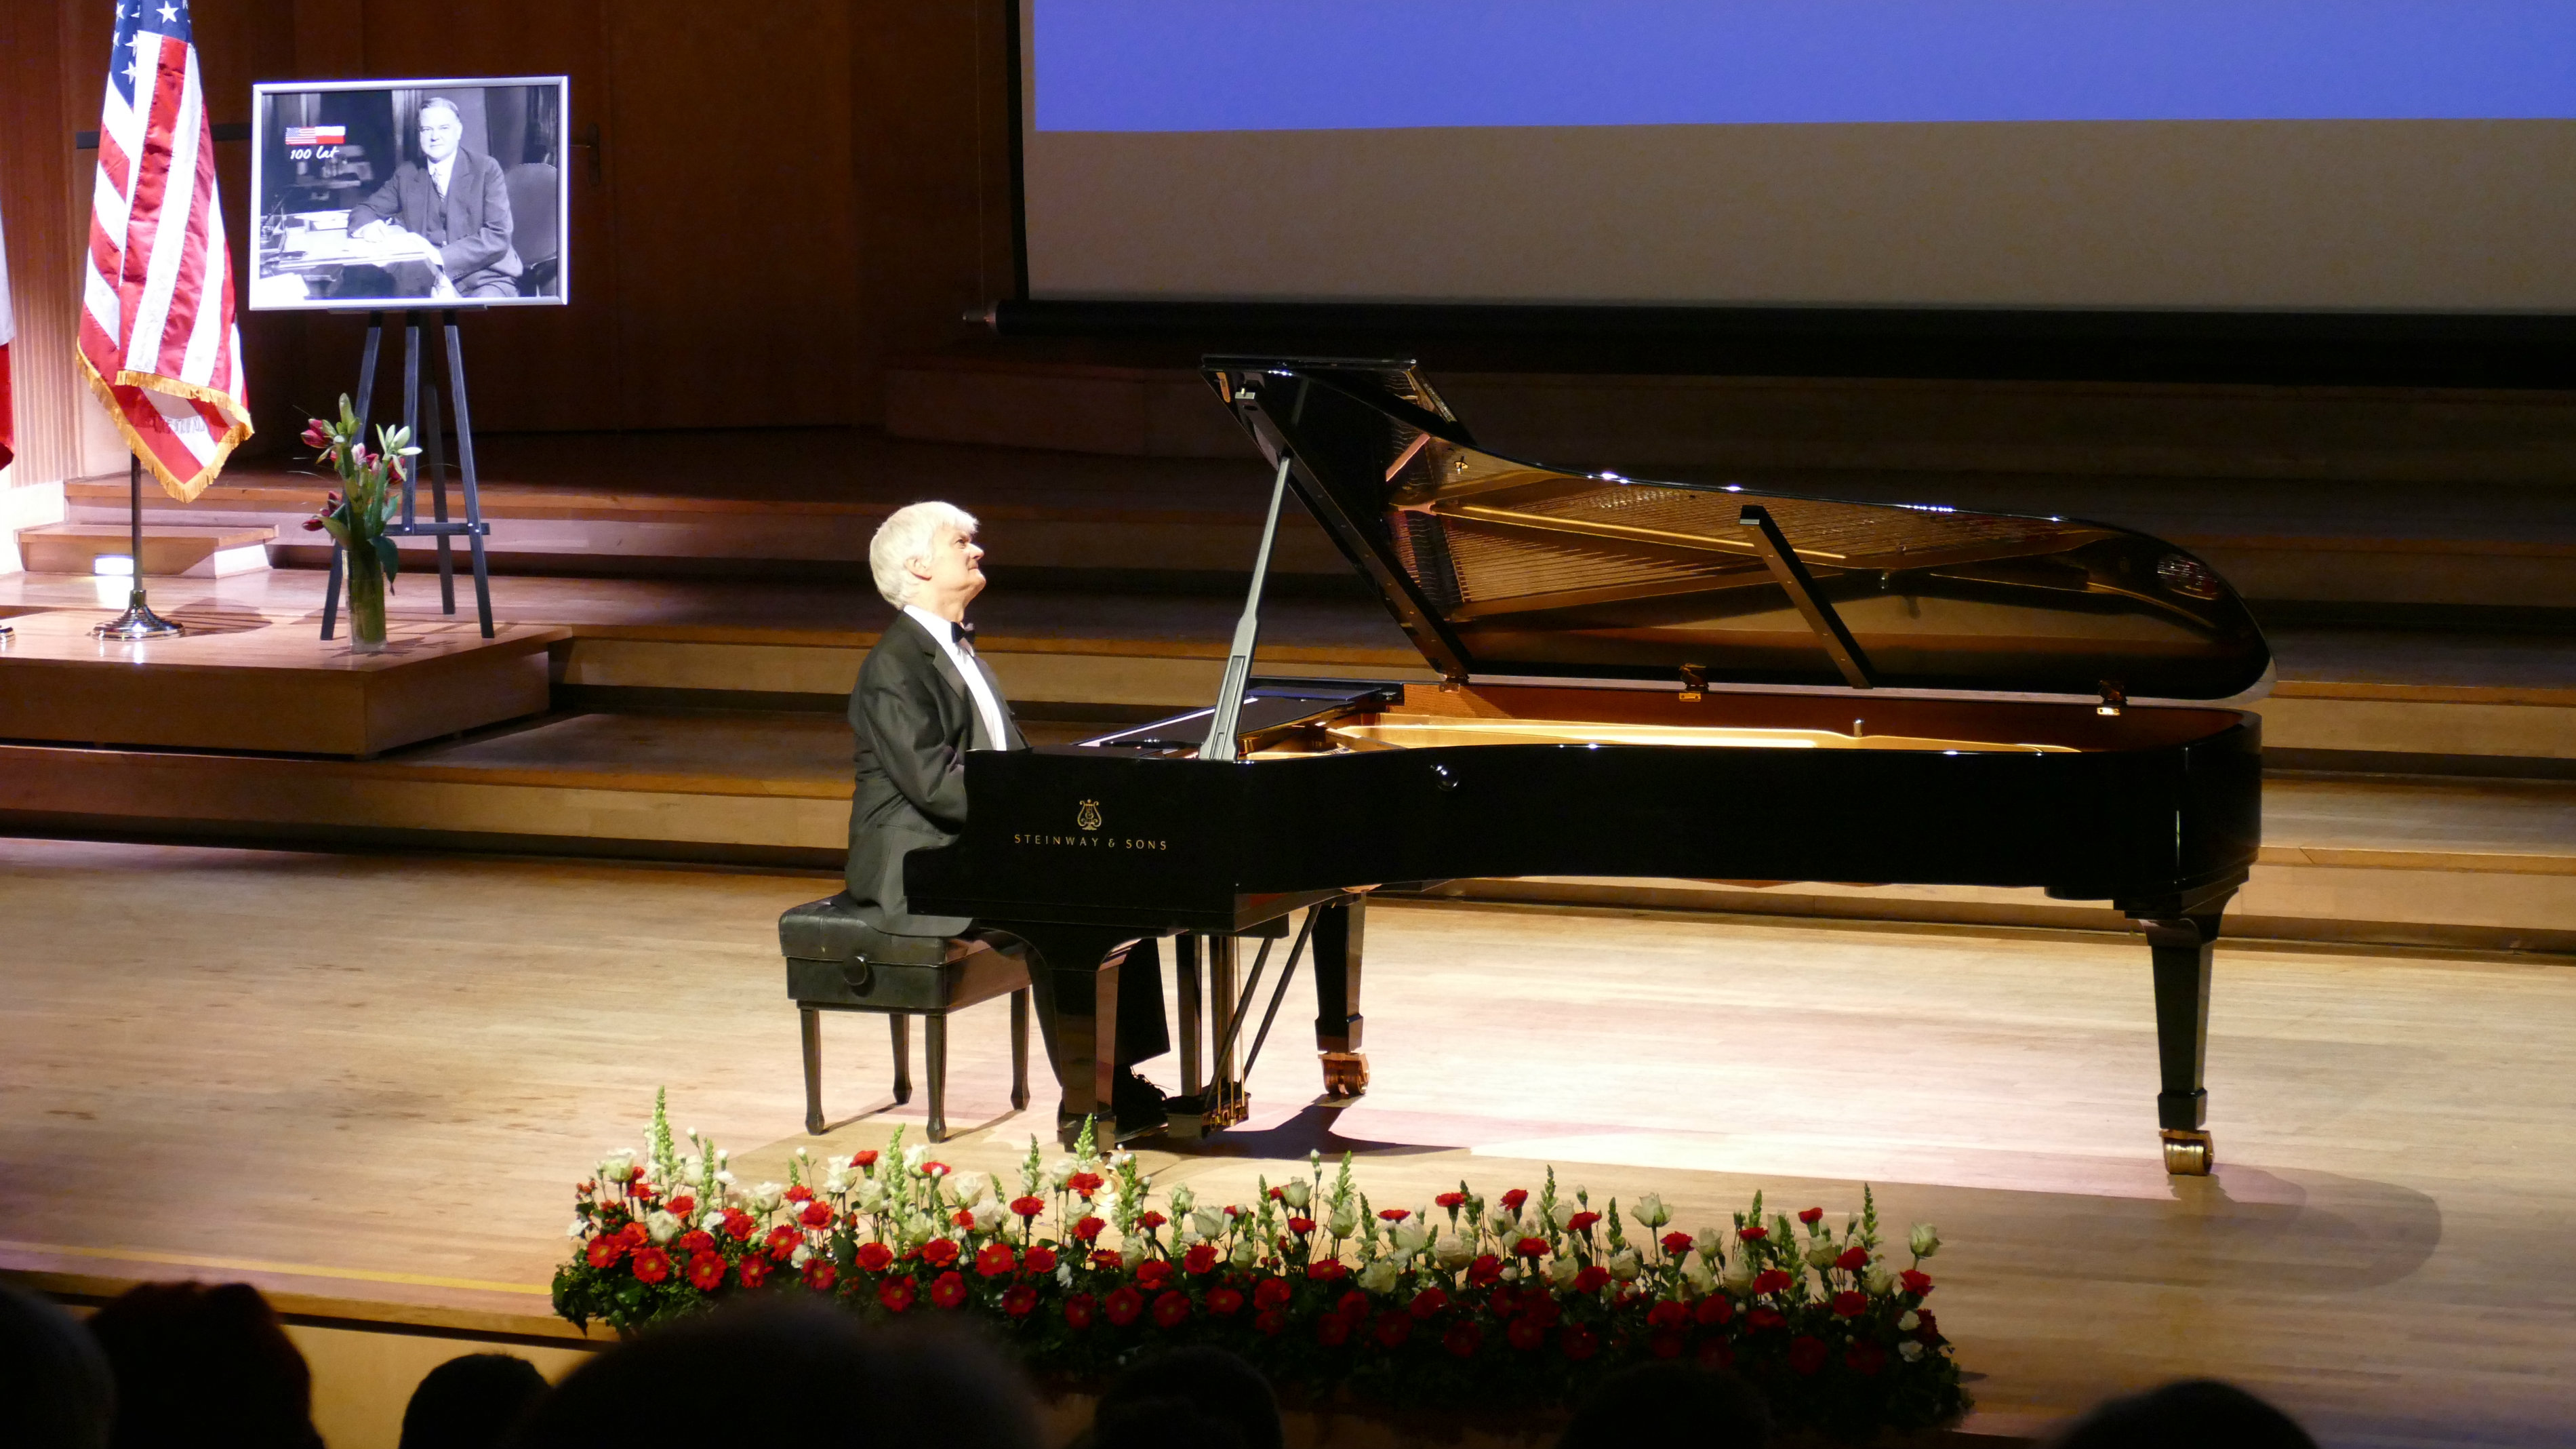 Międzynarodowym językiem muzyki uczczono 100-lecie polsko-amerykańskich relacji dyplomatycznych [ZDJĘCIA]